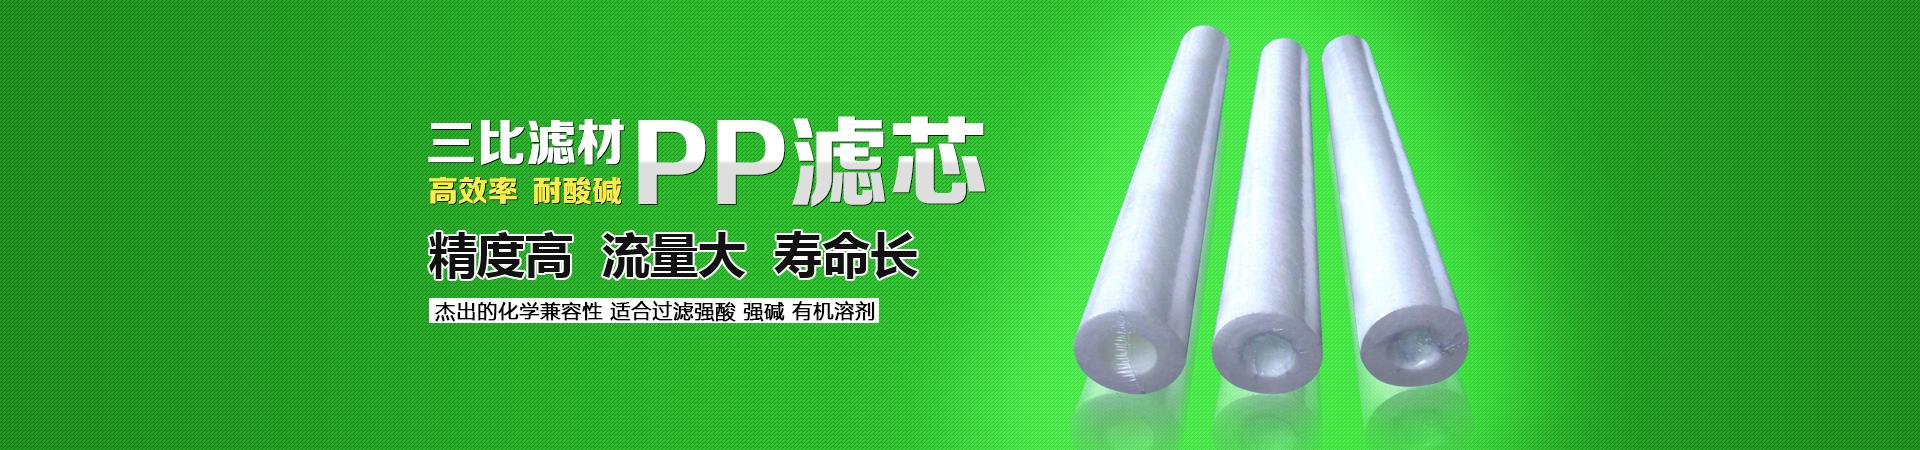 三比滤材,PP滤芯,具有高效率、耐酸碱等特性,精度高、流量大、寿命长。